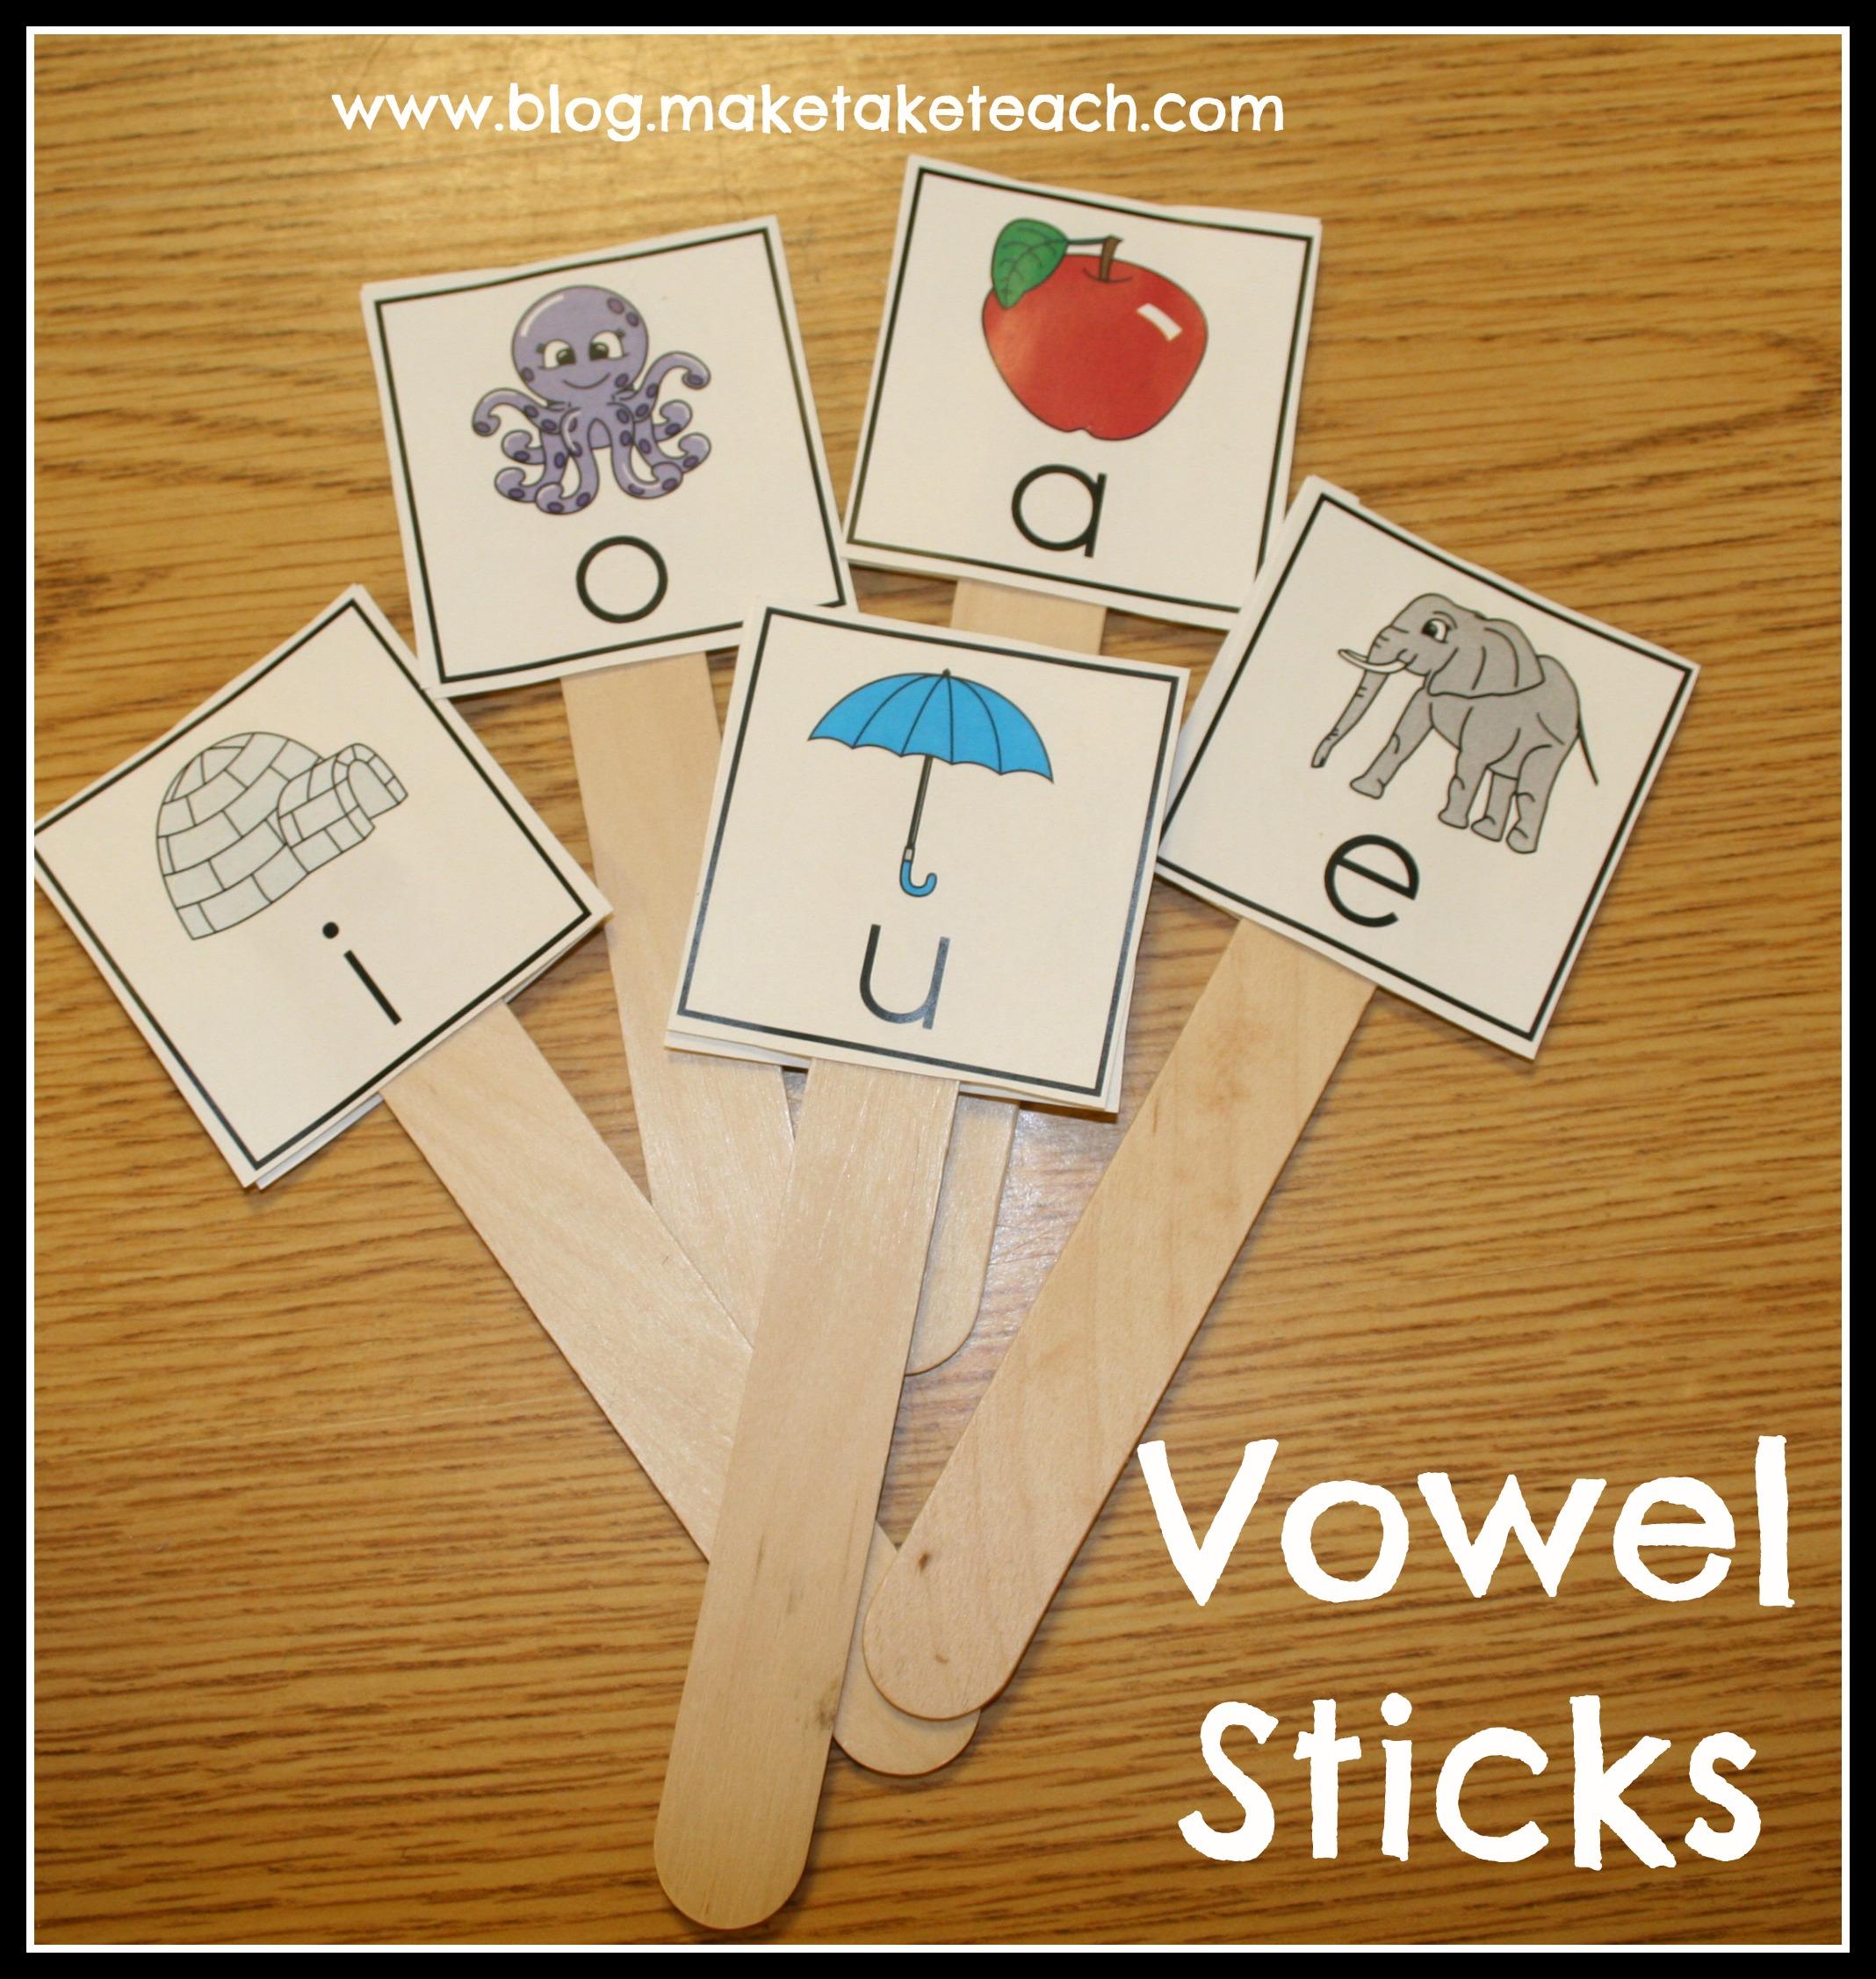 Vowel Sticksblogpic